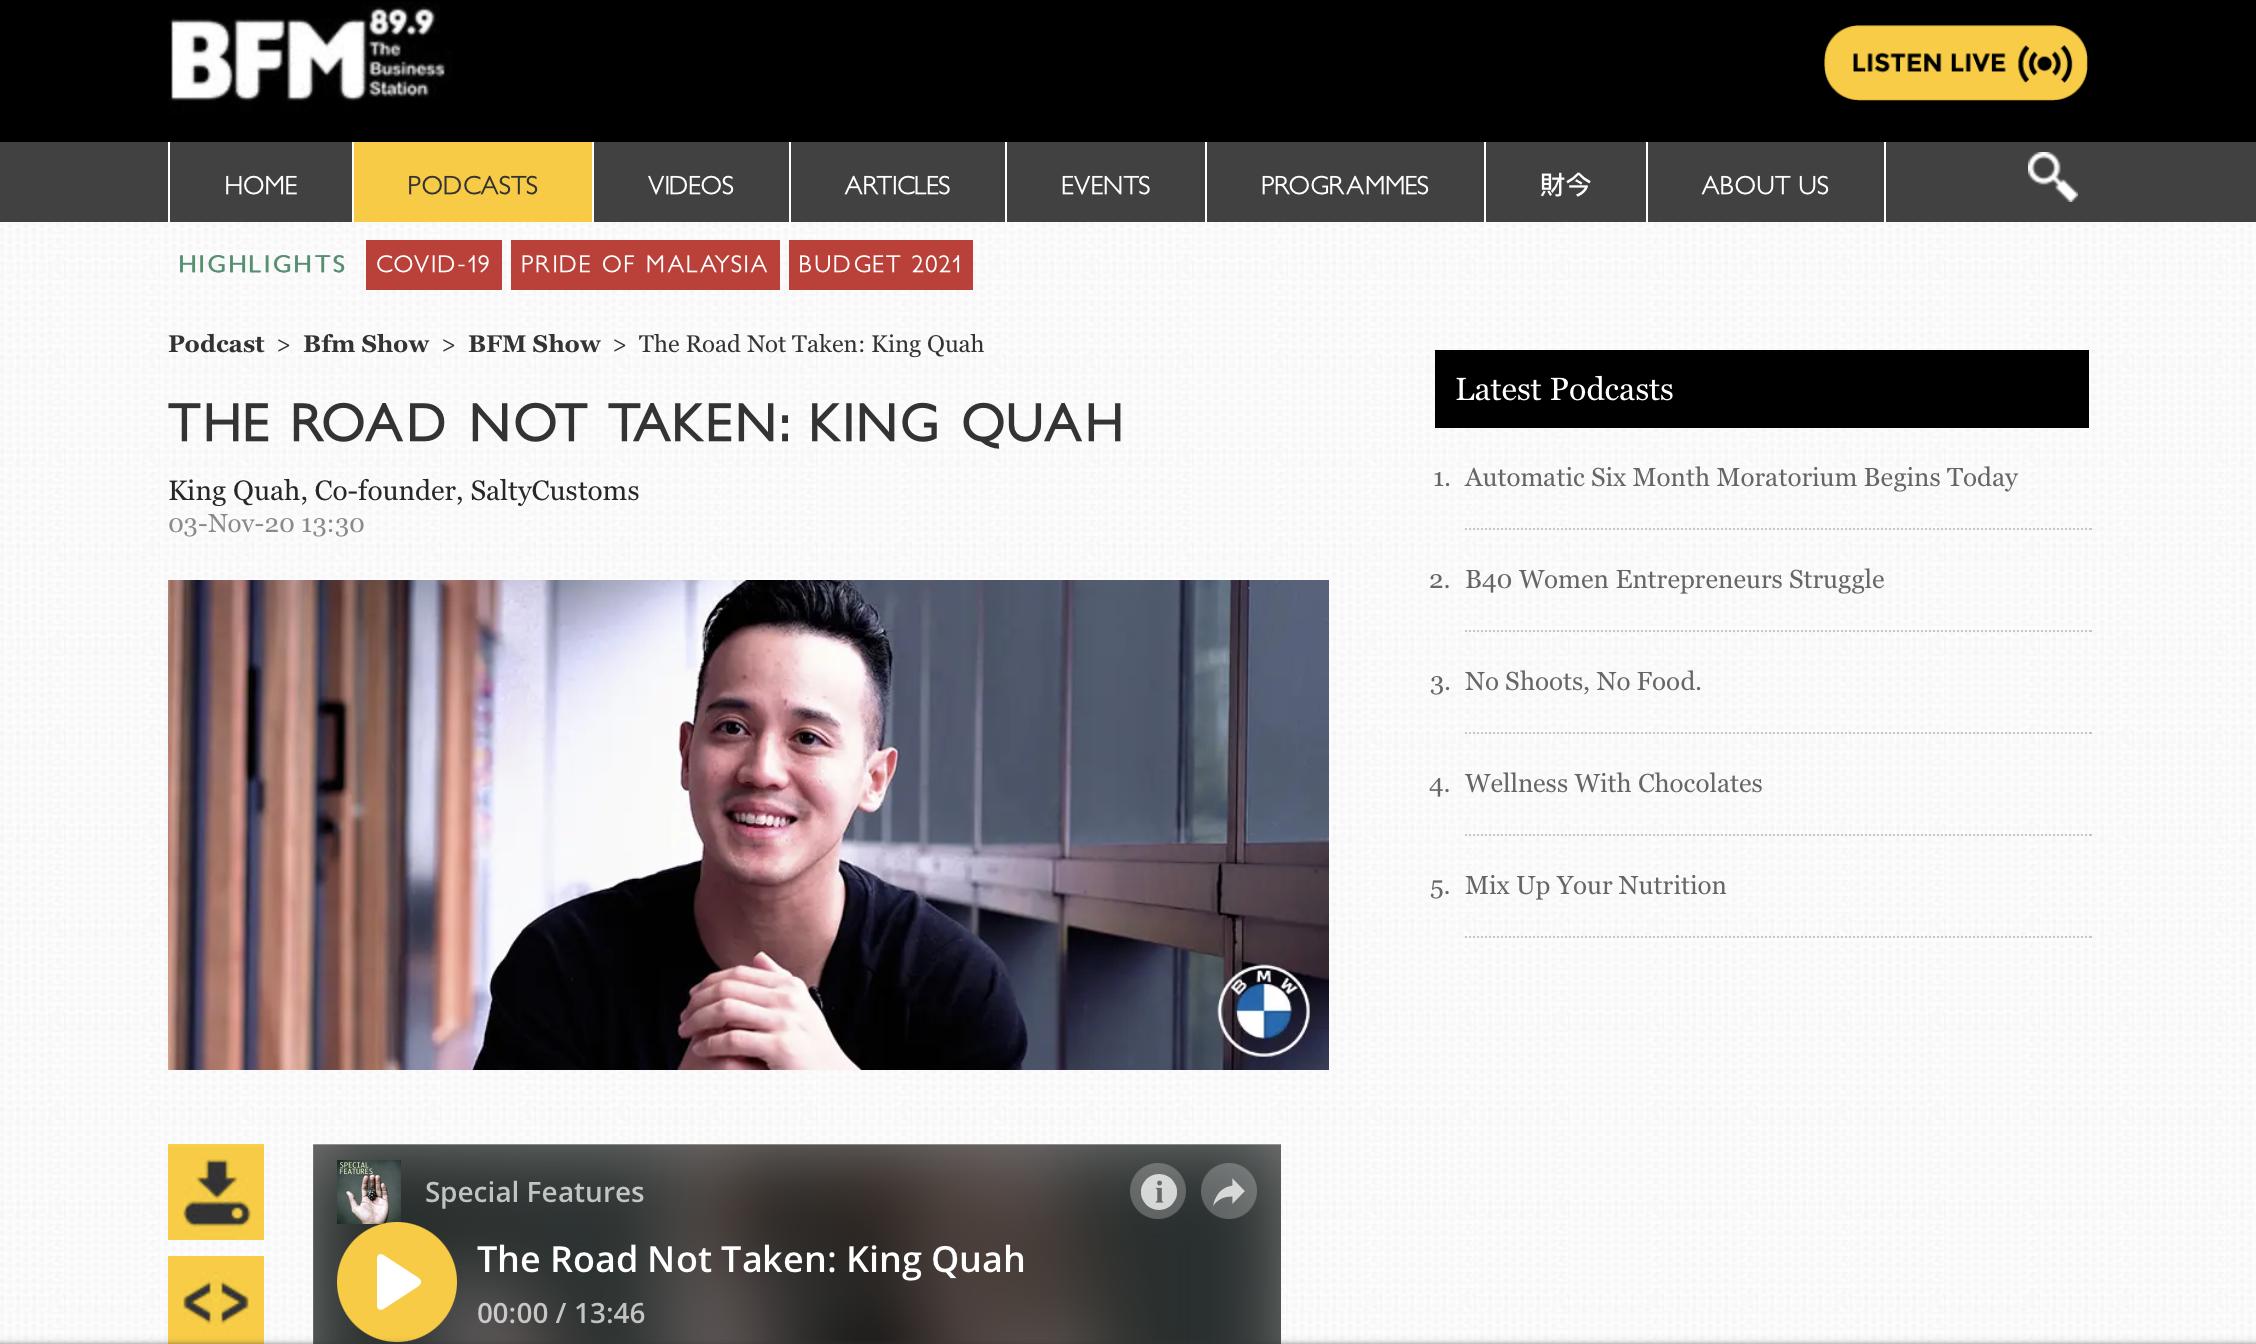 BFM: The Road Not Taken, King Quah